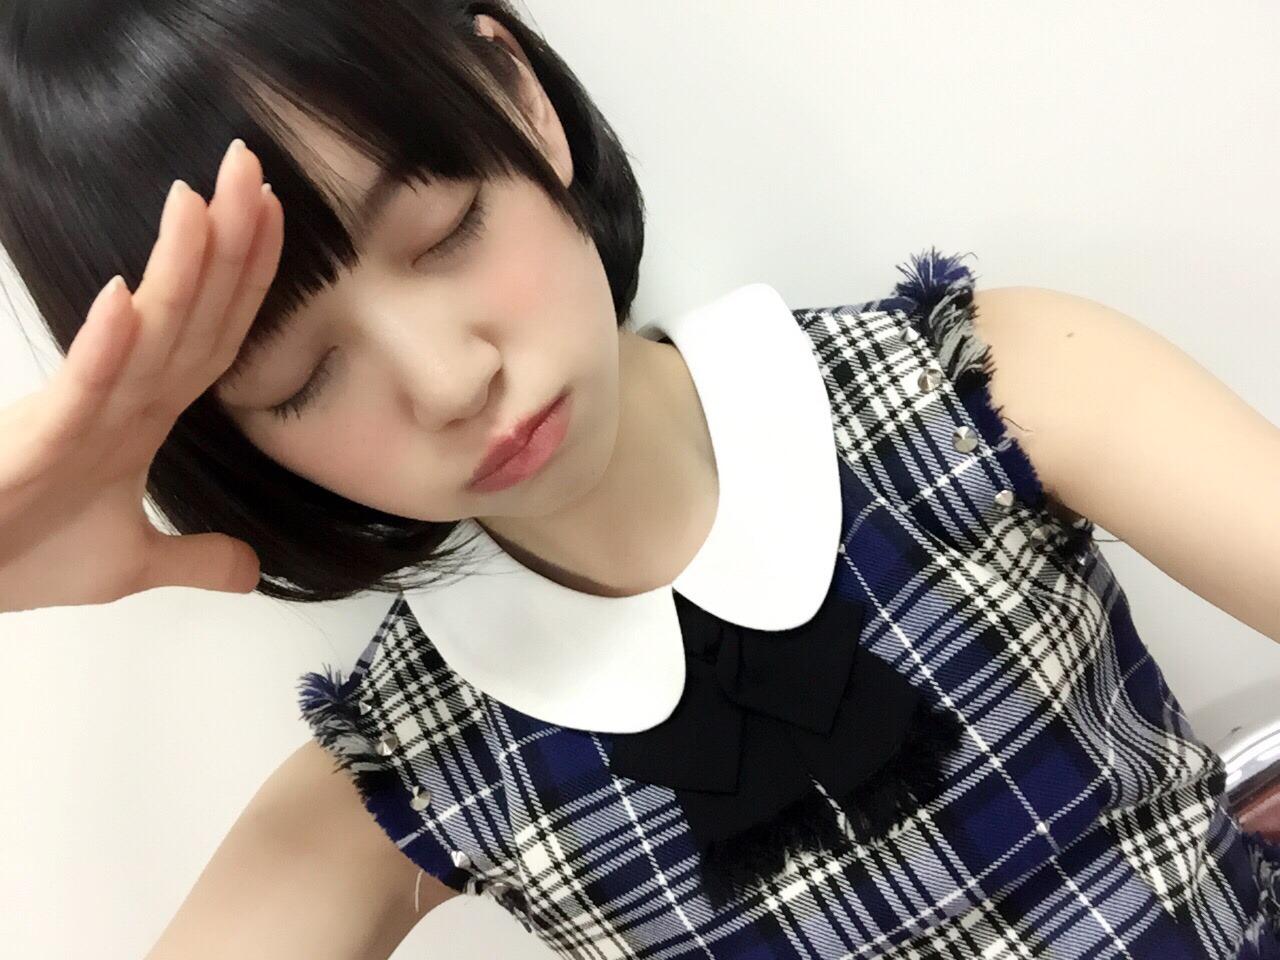 ショート堀未央奈 画像 (30)